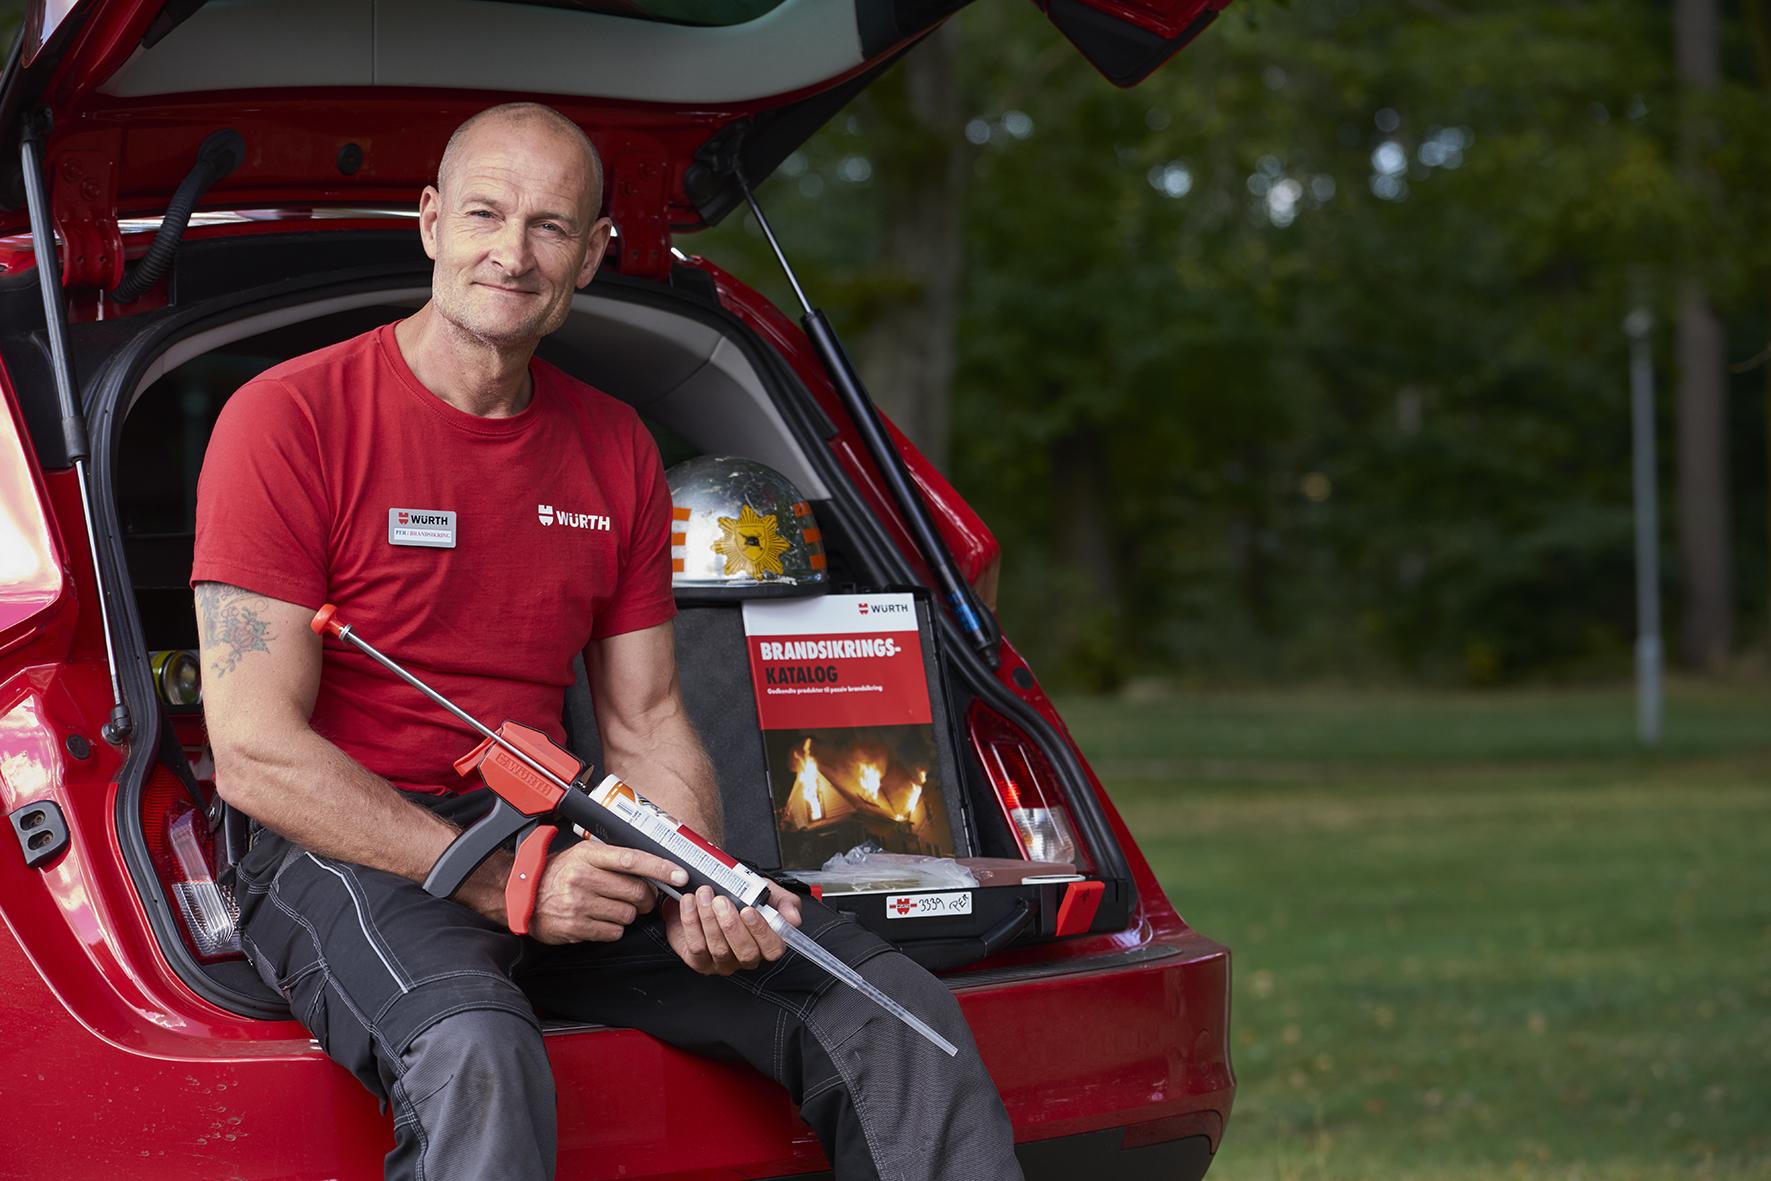 Brandgo' idé: 400 håndværkere på brandsikringskursus   mester tidende